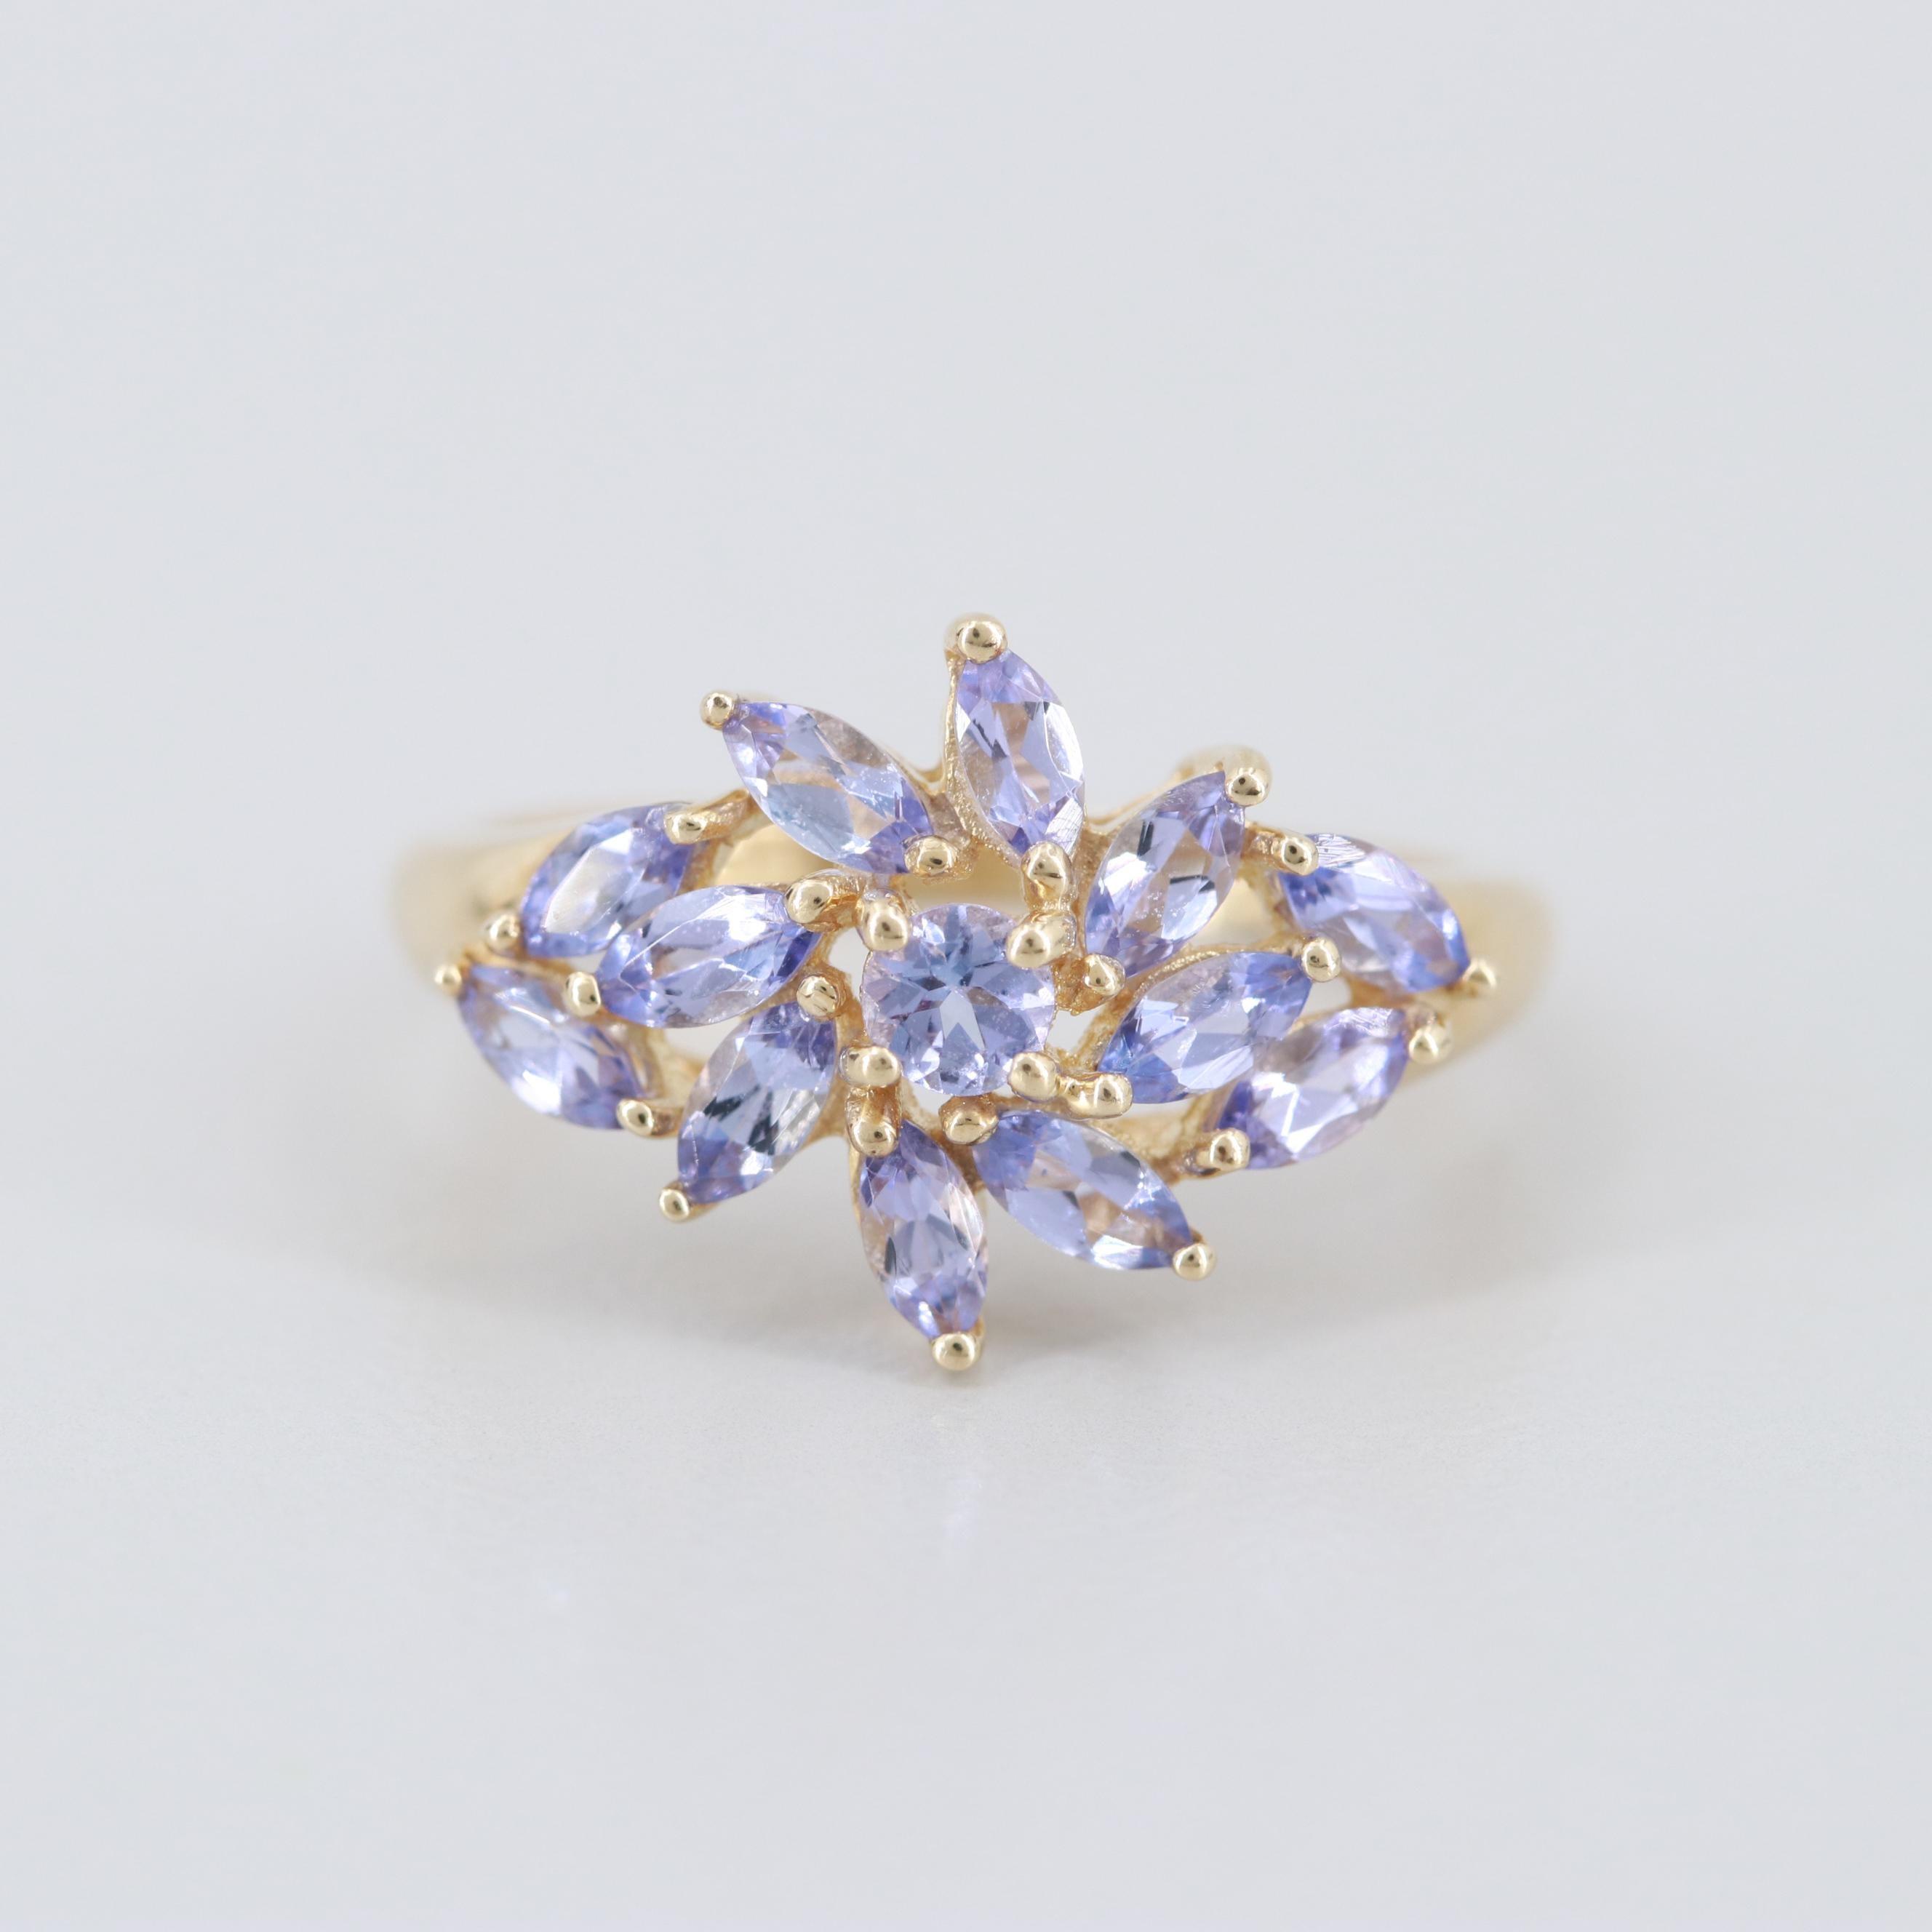 14K Yellow Gold Tanzanite Cluster Ring